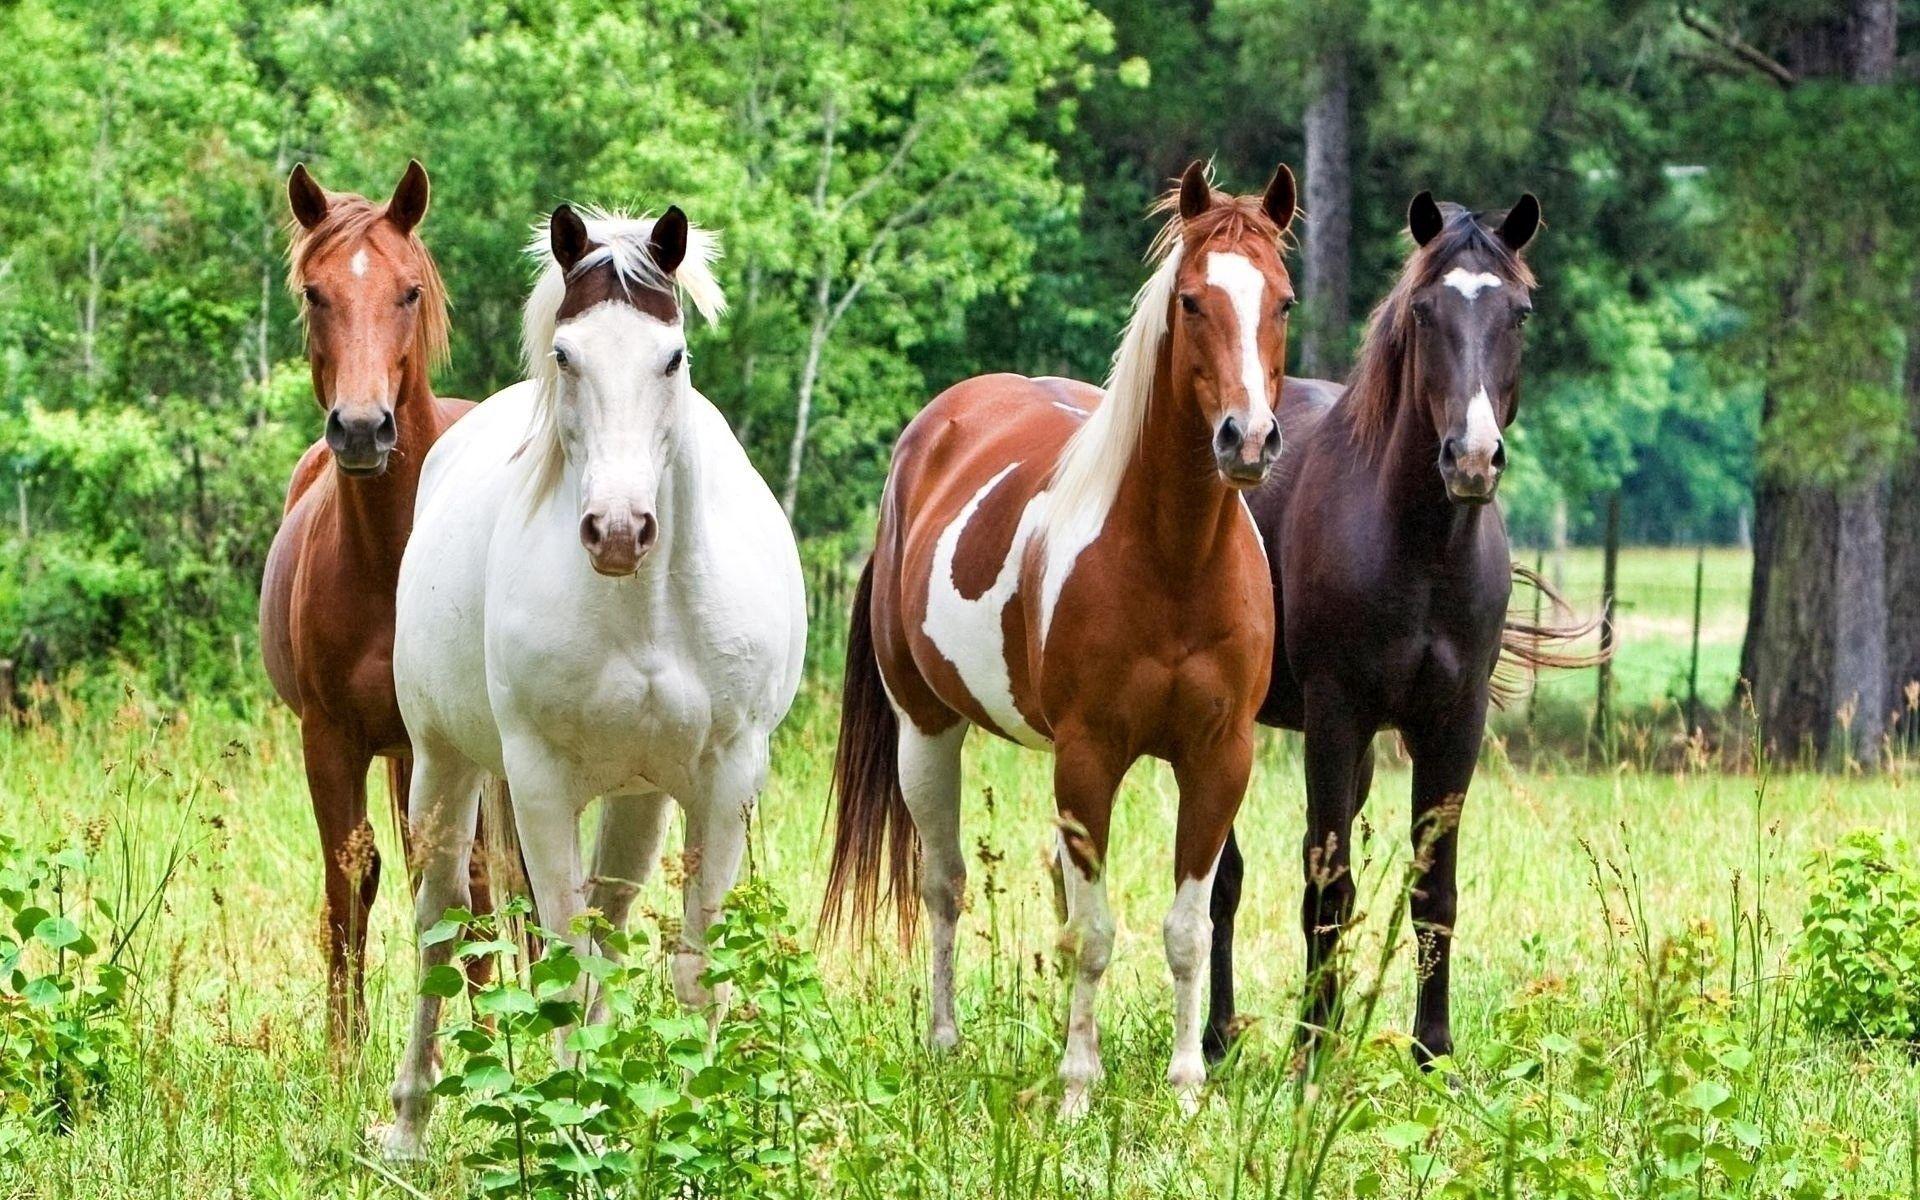 59633 скачать обои Лошади, Животные, Трава, Окрас, Кони, Табун - заставки и картинки бесплатно